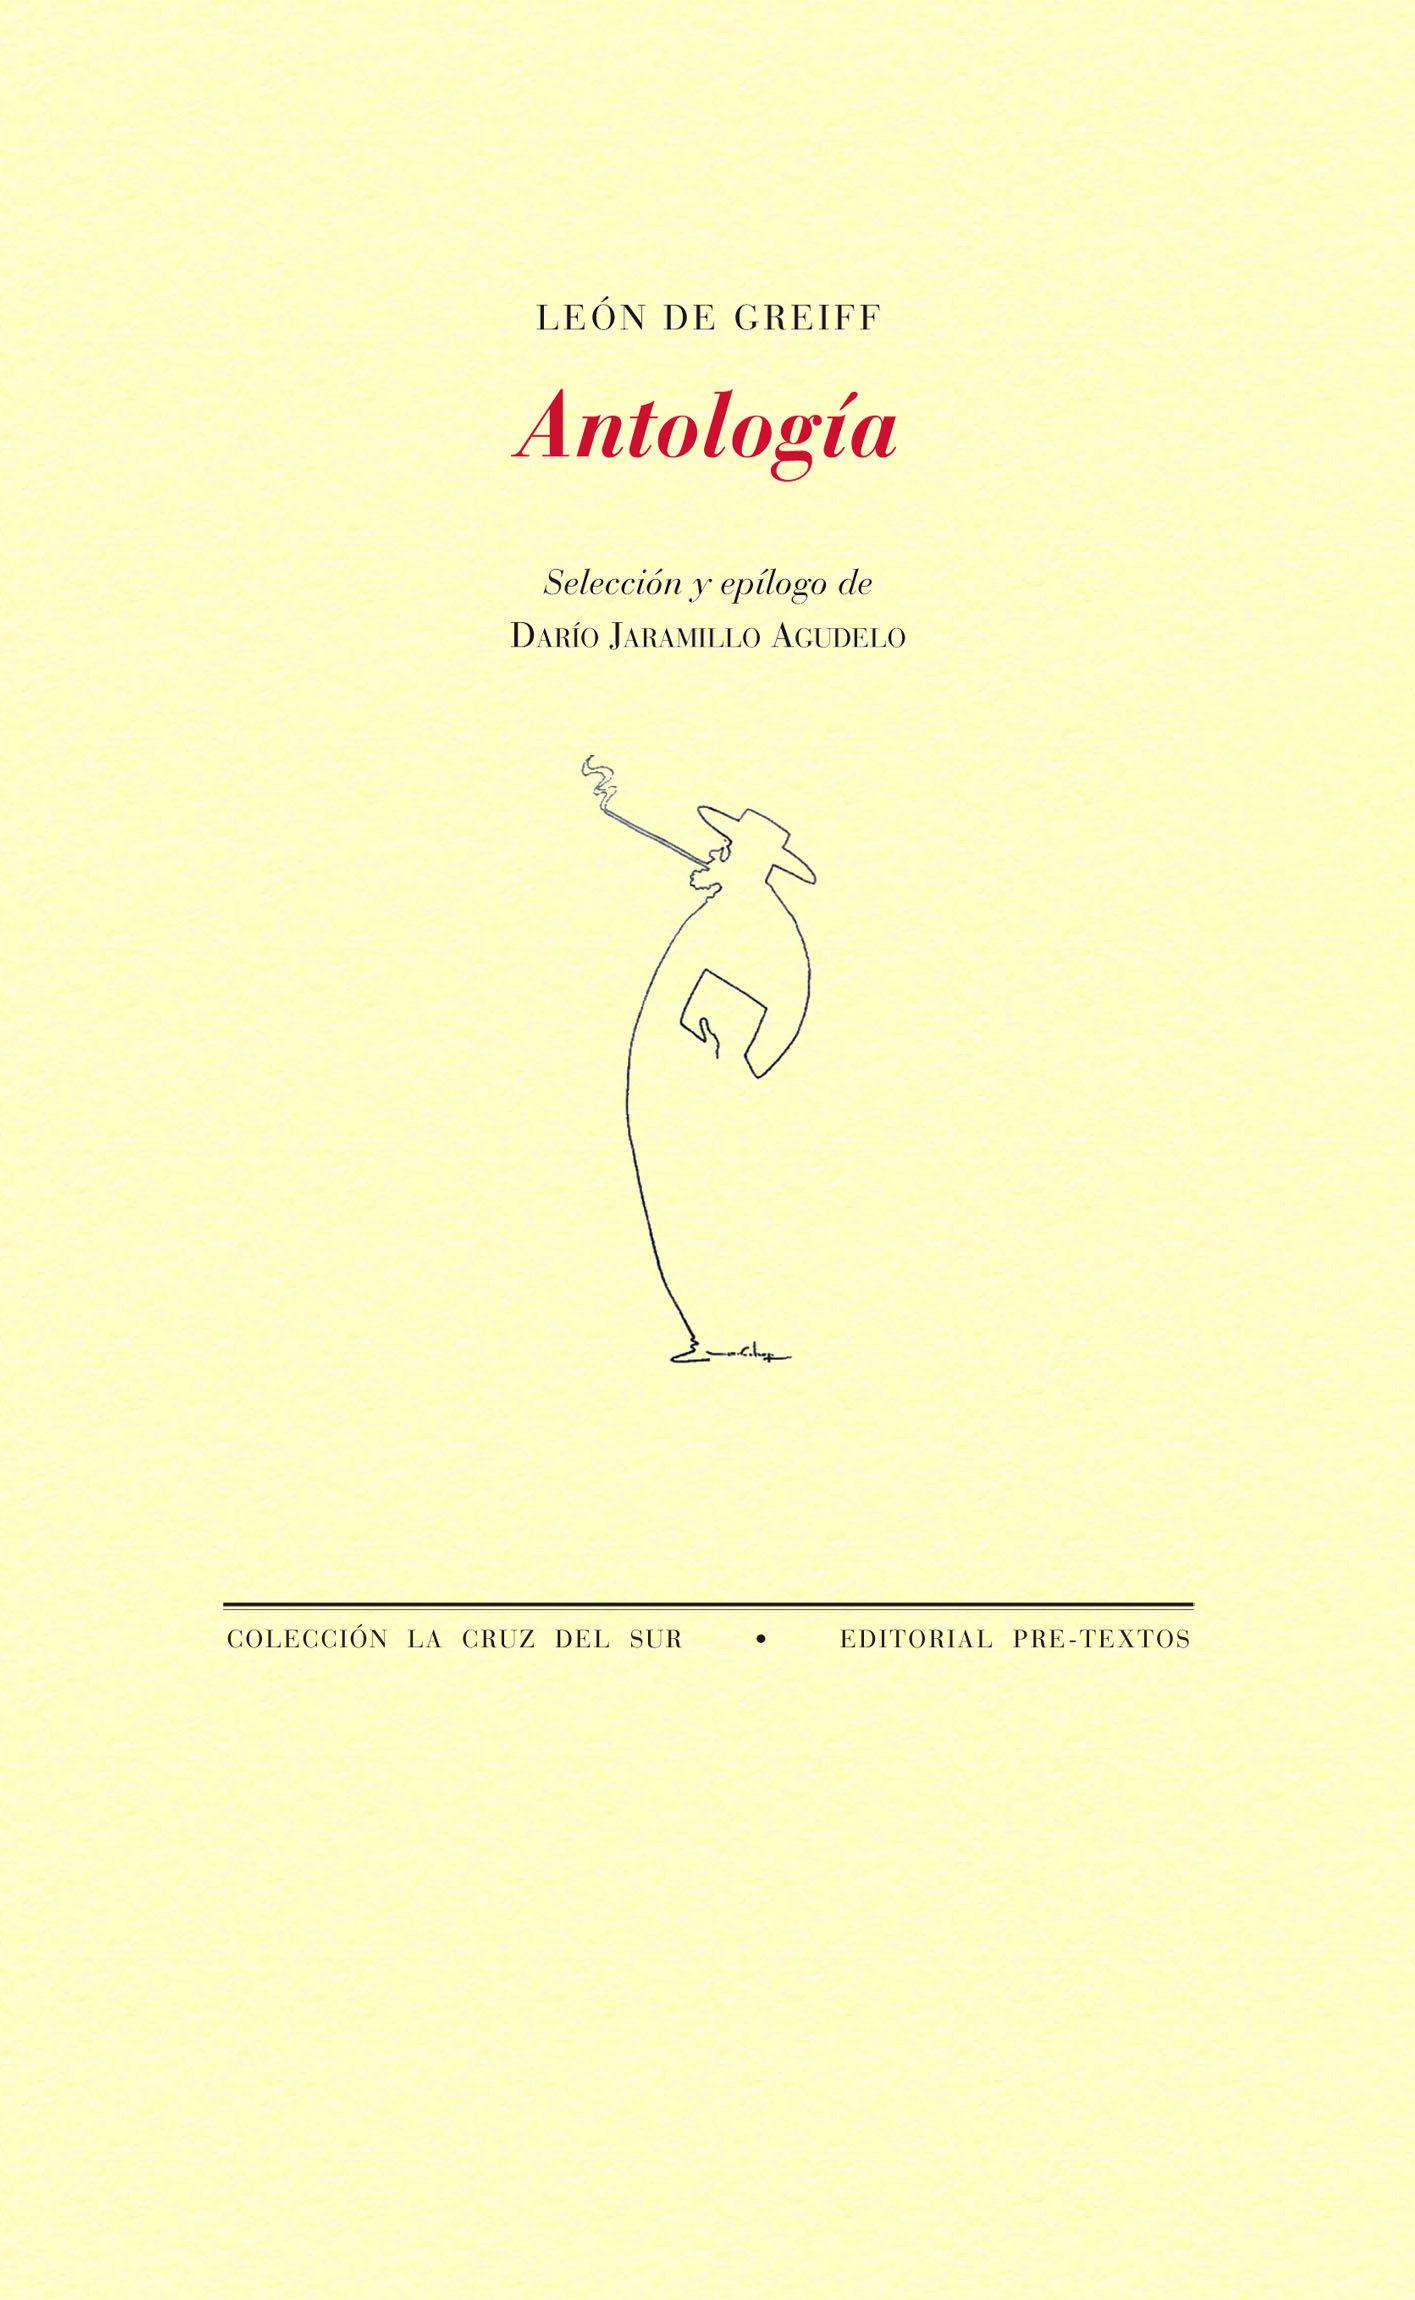 Antologia por Leon De Greiff epub